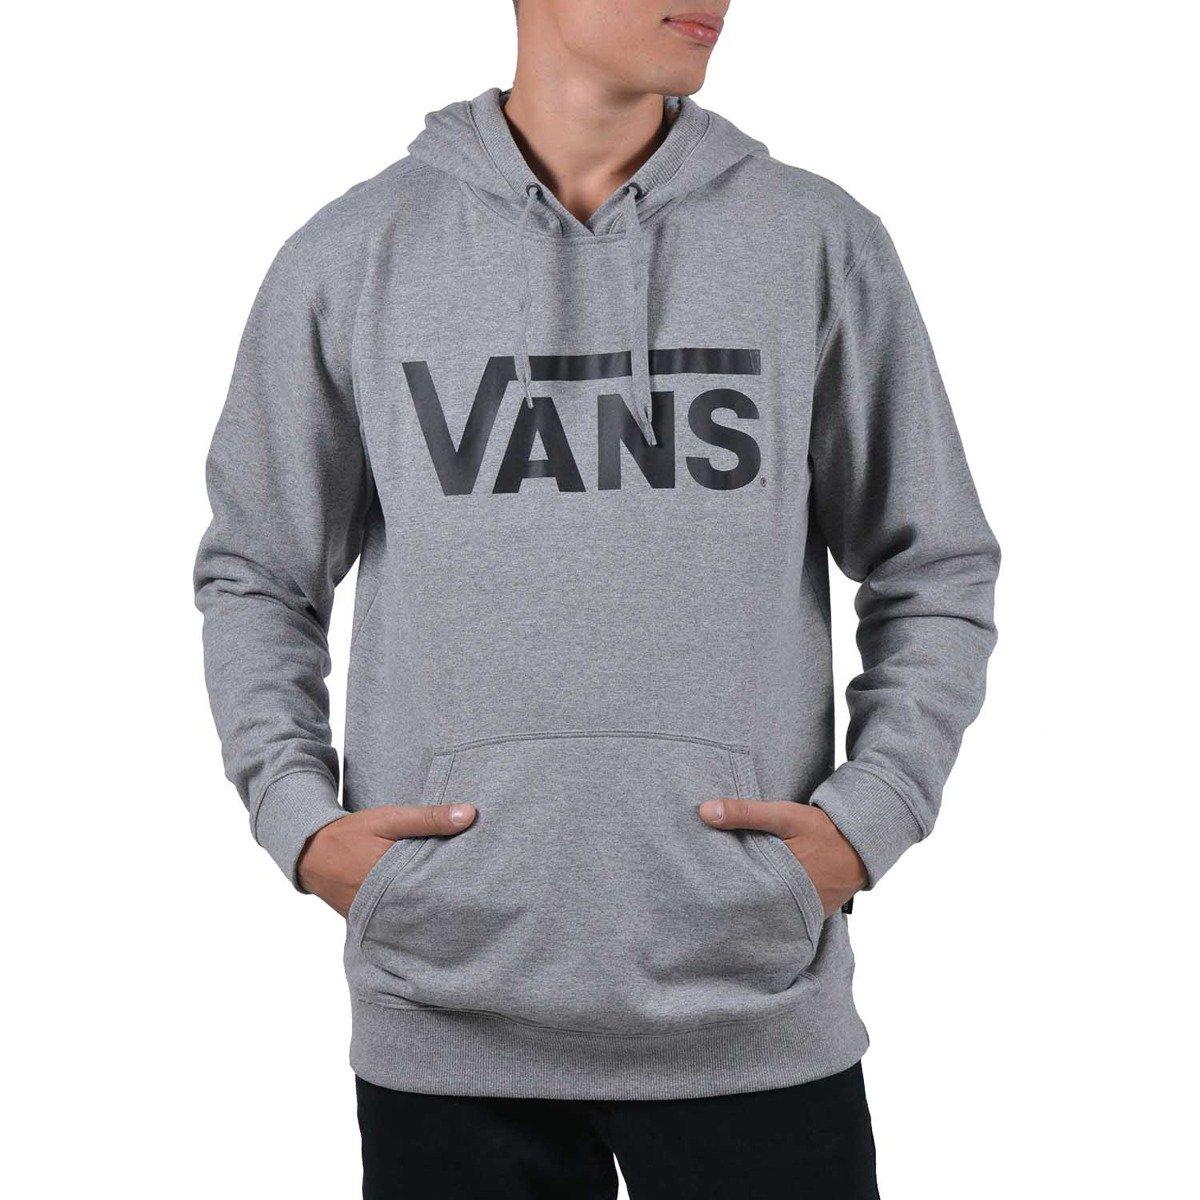 Vans Classic Pullover Hoodie In Grey Hoodie - V00J8NADY 000 ... f4b558300d1